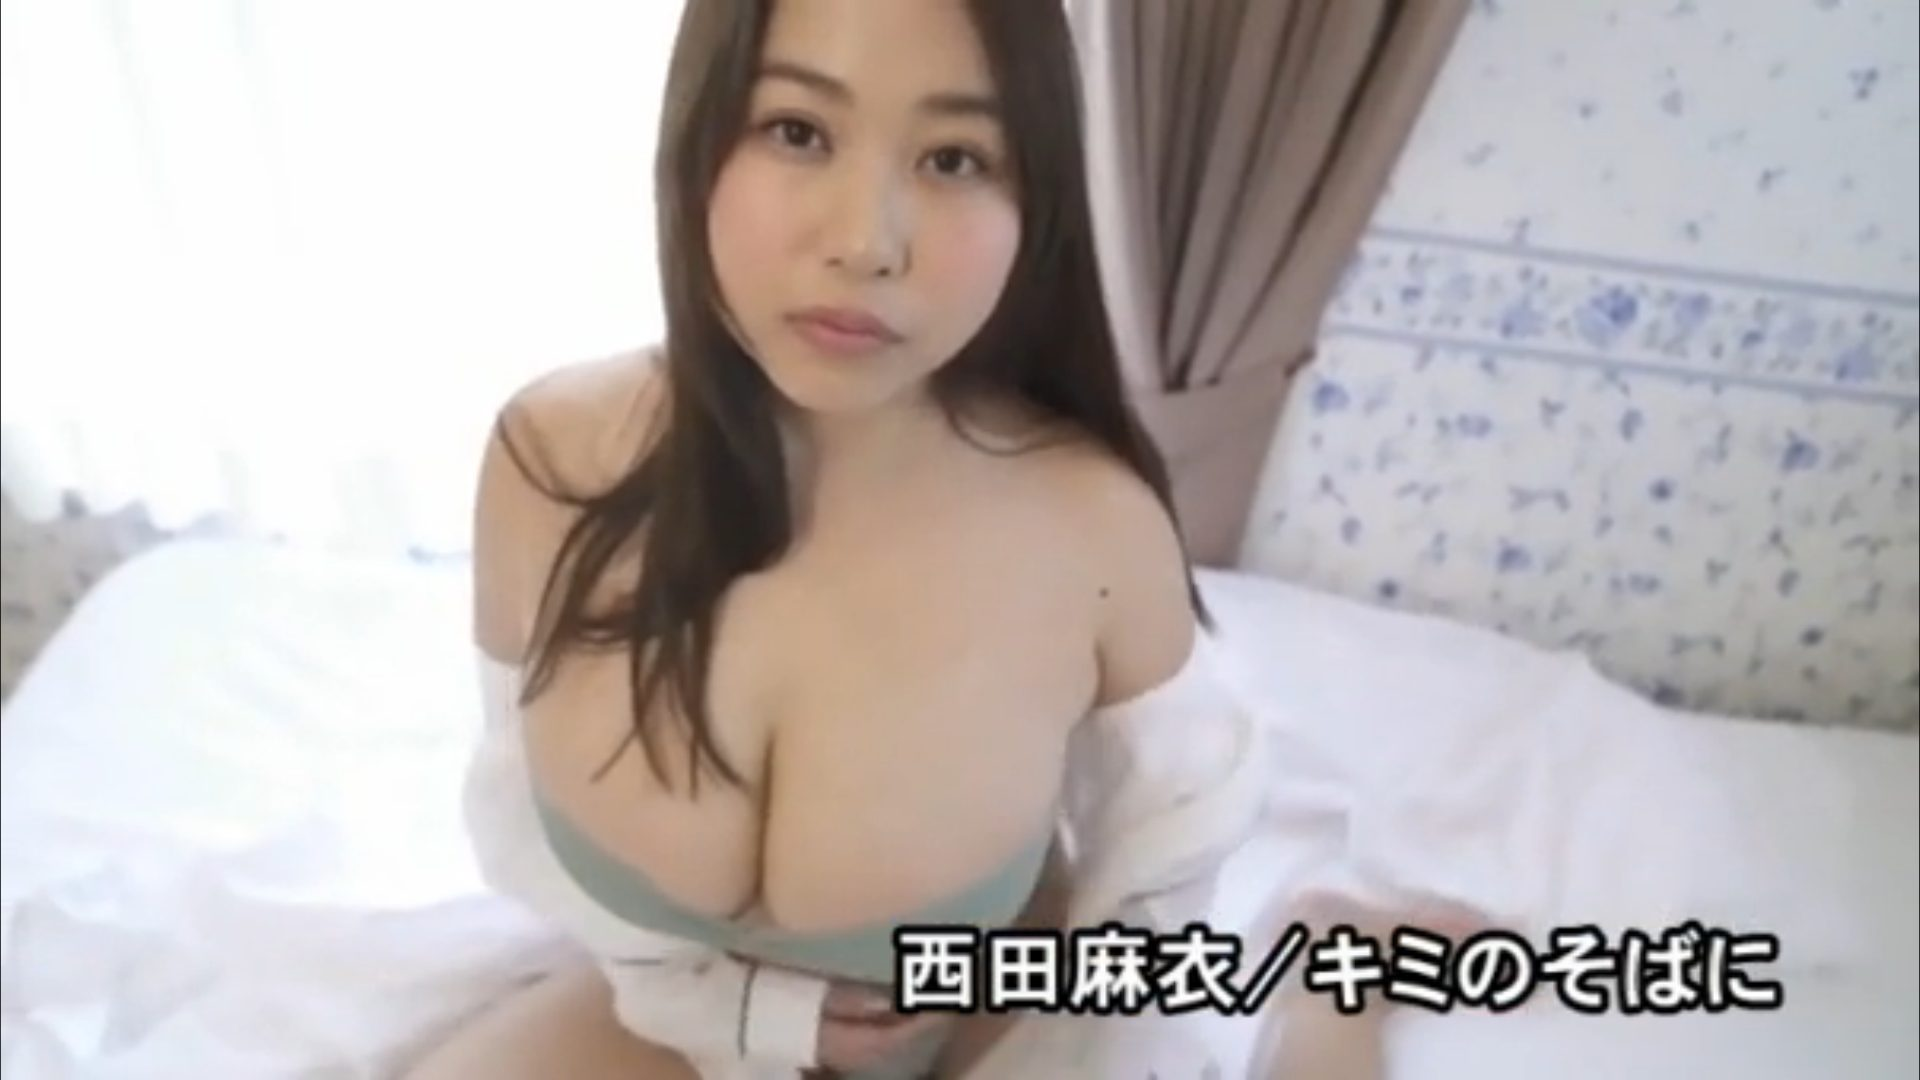 【西田麻衣】Iカップ18 「キミのそばに」サンプル動画